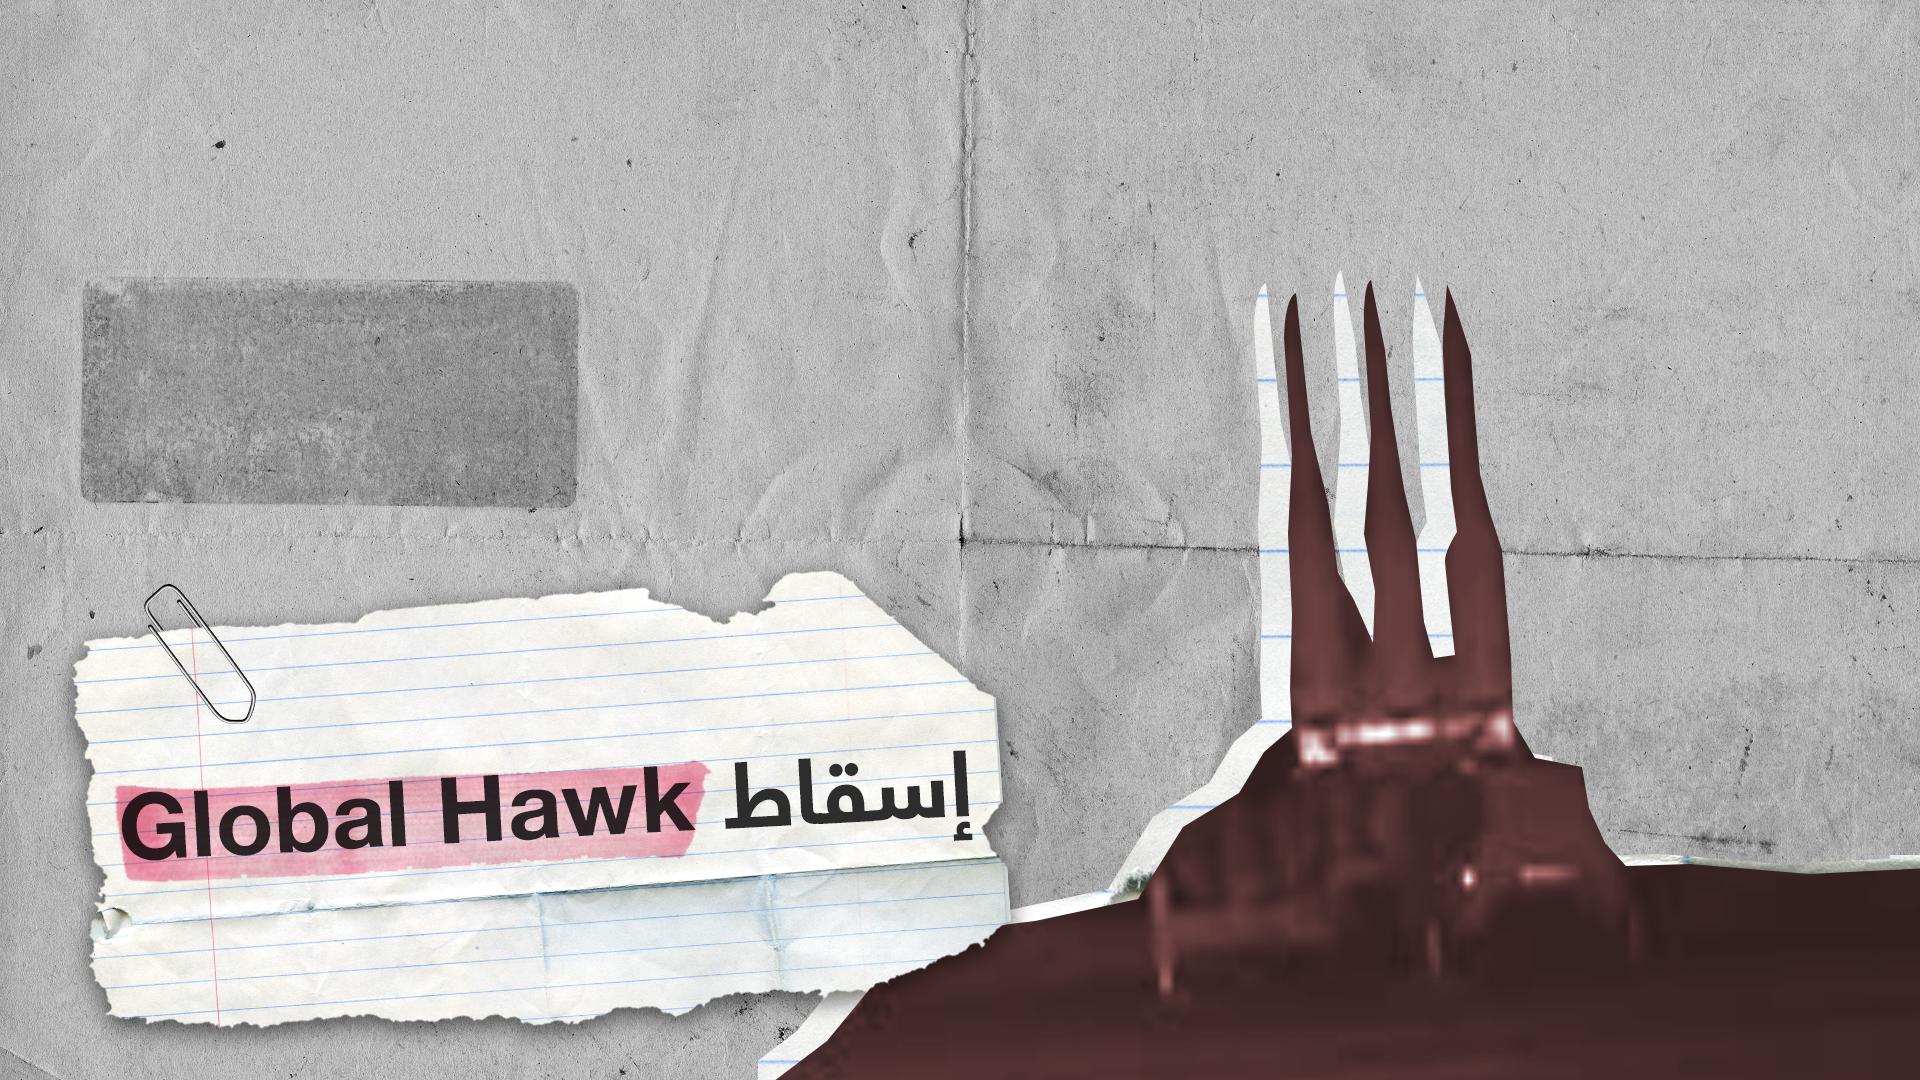 الحرس الثوري الإيراني ينشر فيديو إسقاط طائرة Global Hawk الأمريكية